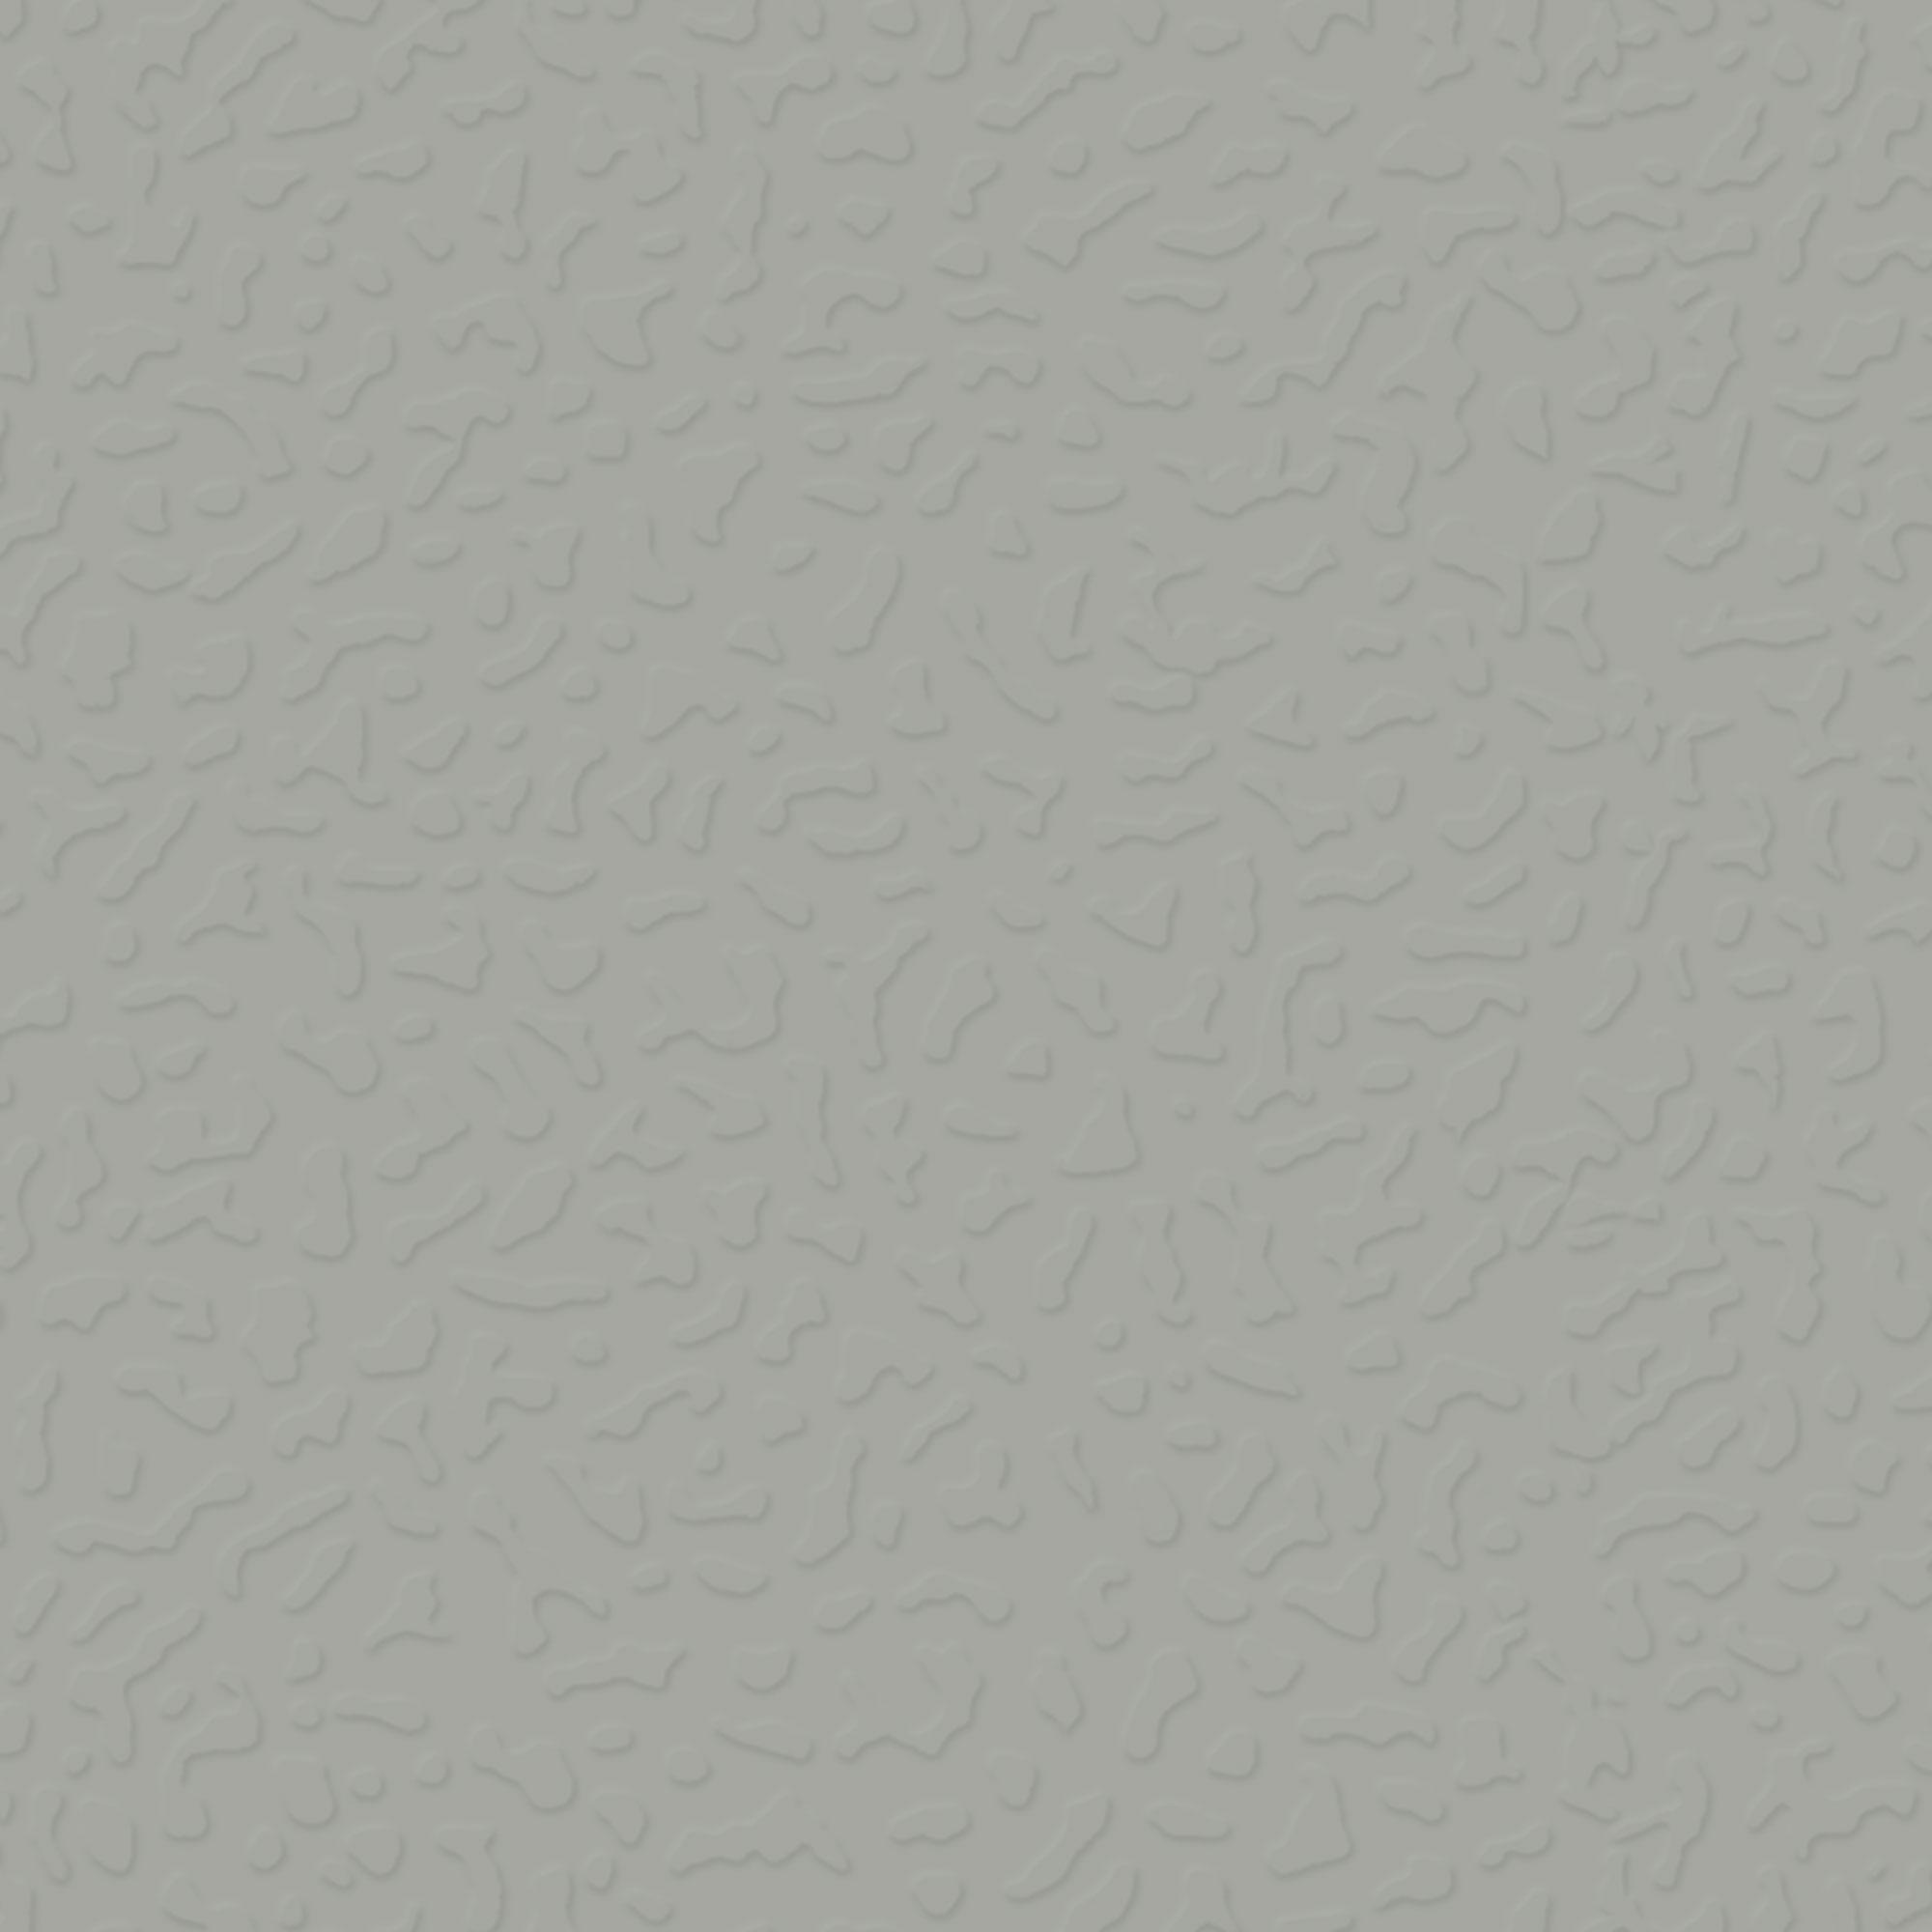 Roppe Rubber Tile 900 - Textured Design (993) Light Gray Rubber Flooring